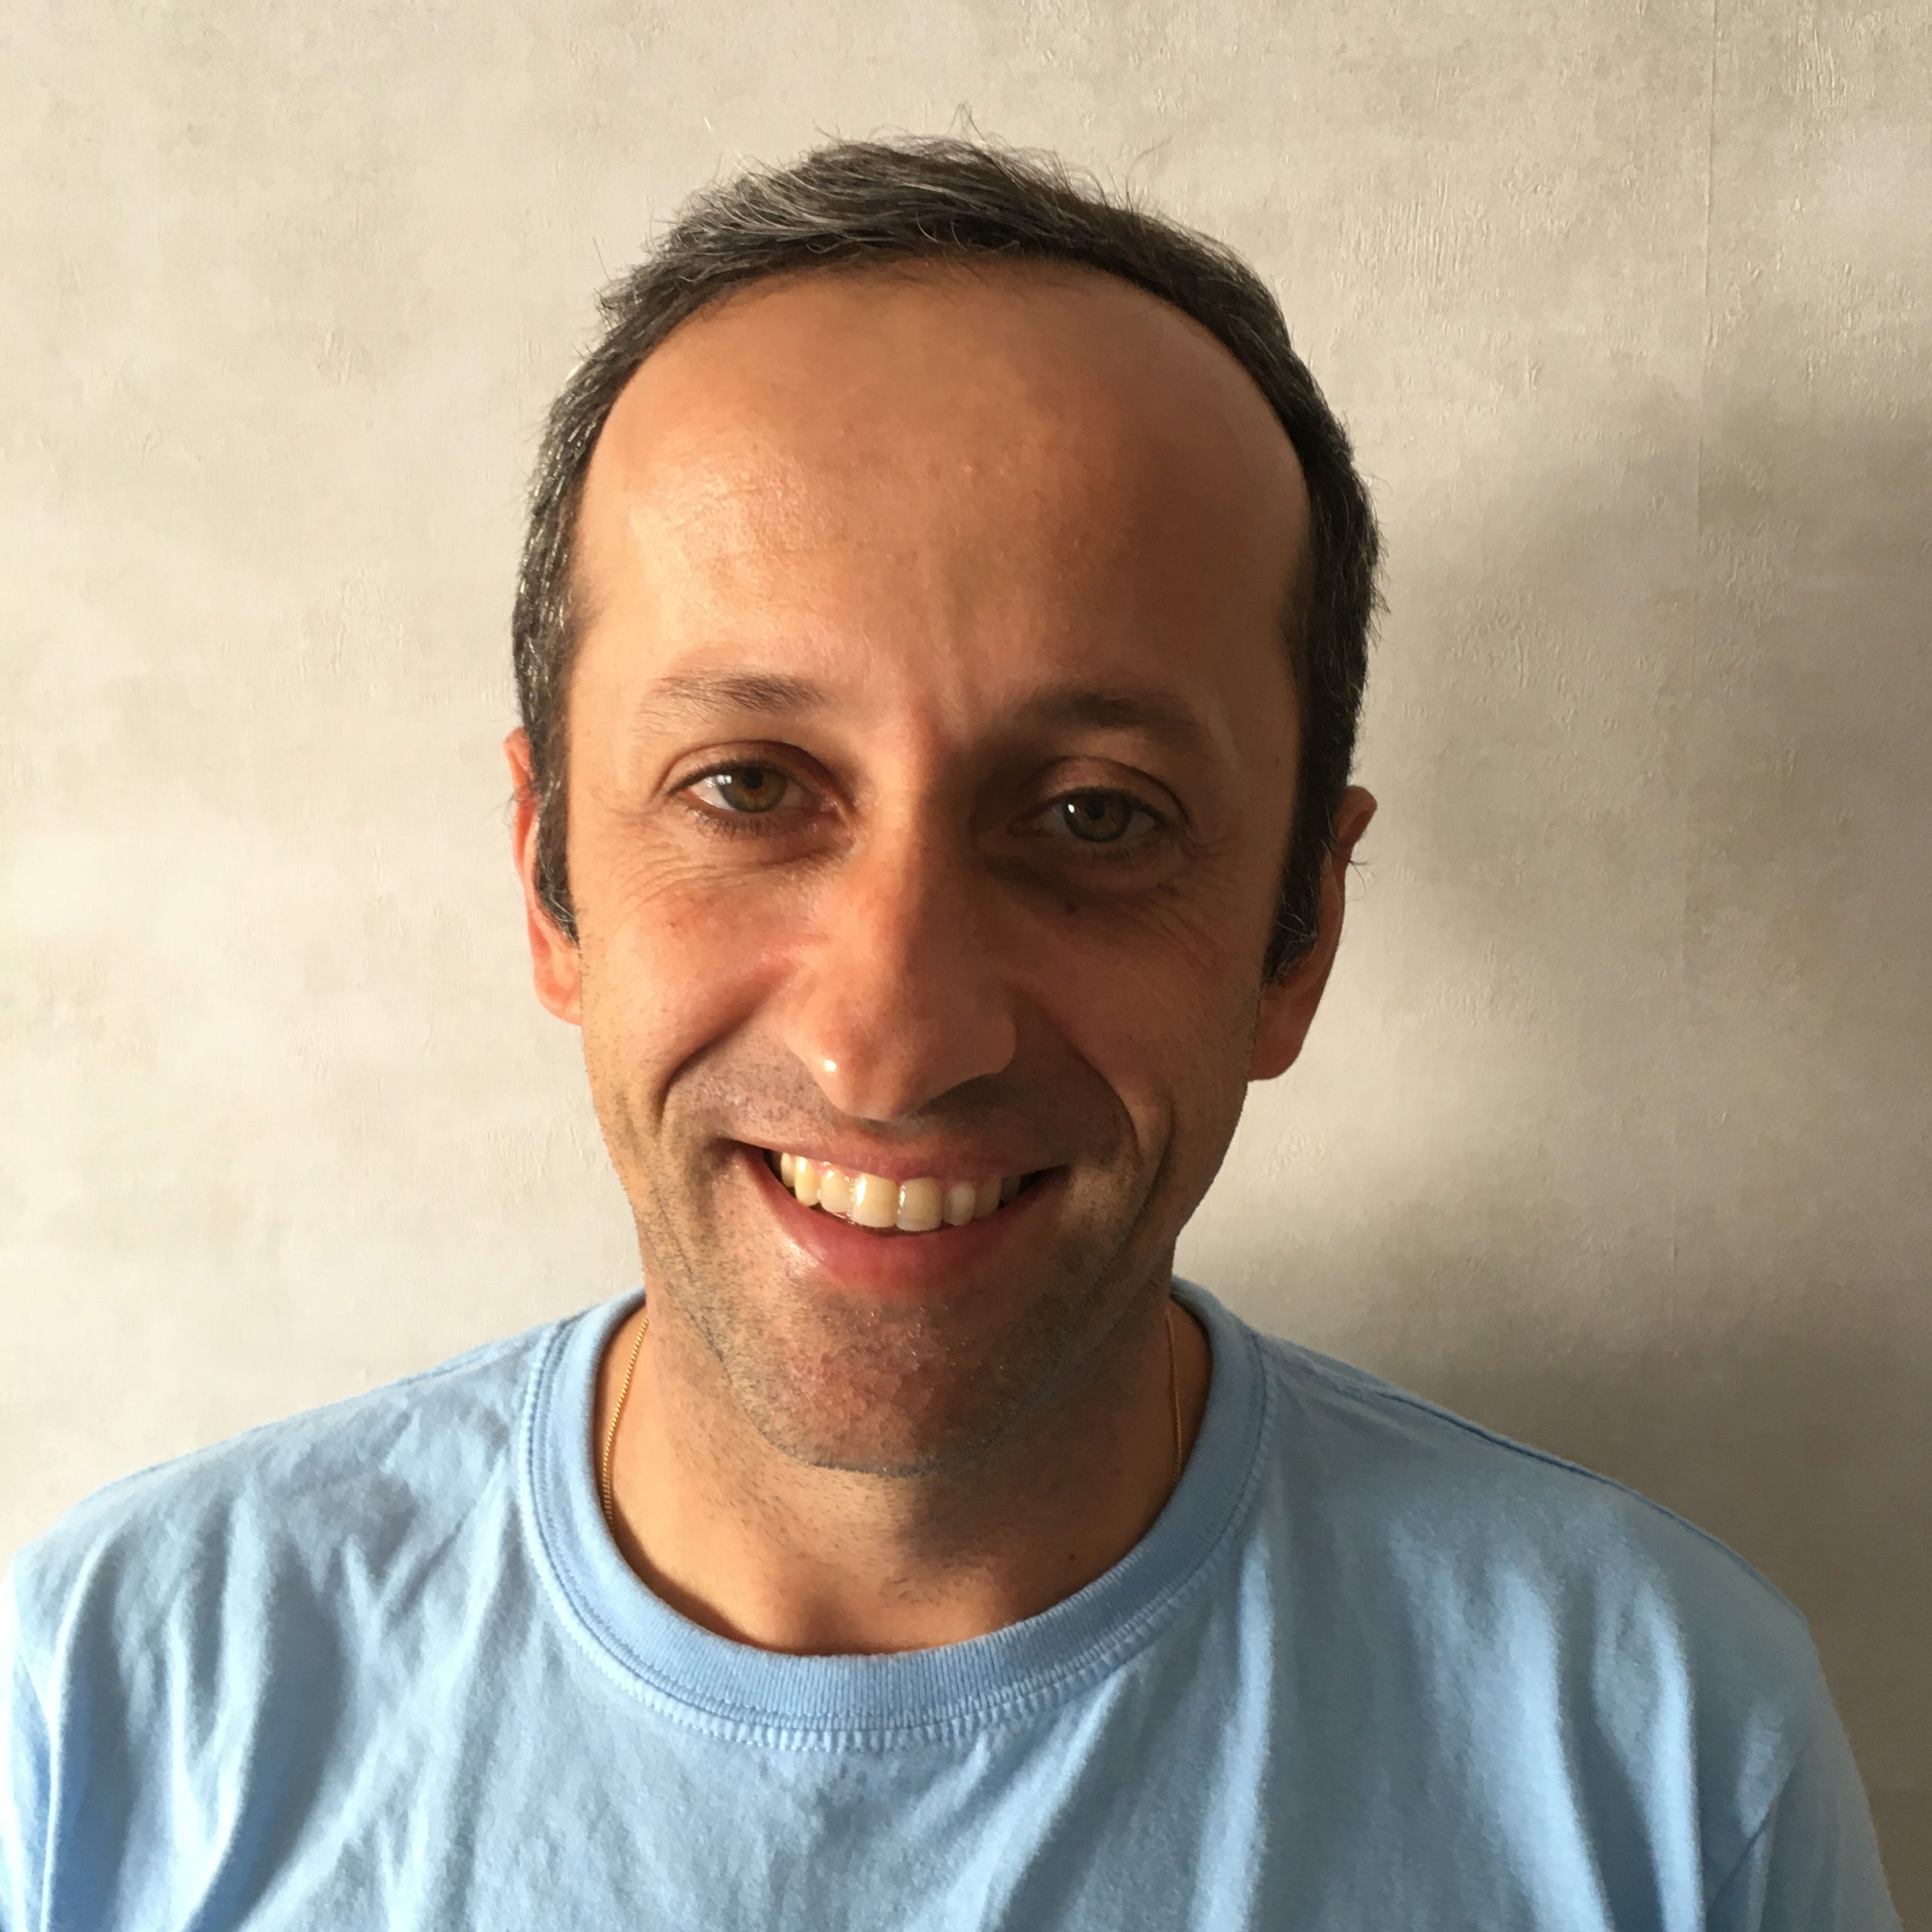 Antonio Moya Merino